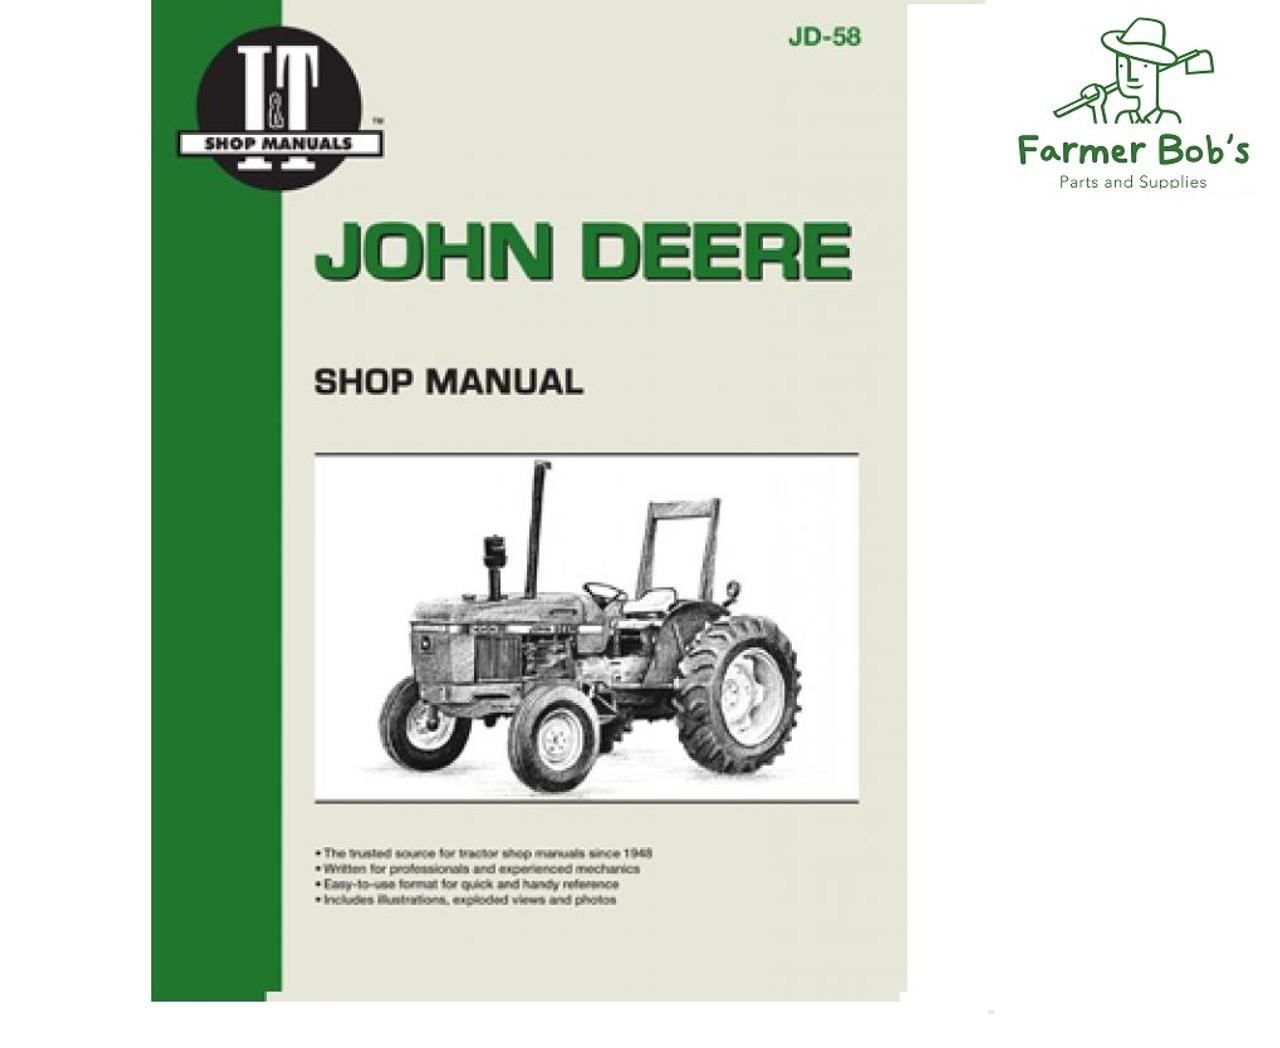 jd58 - i&t shop manuals john deere 2150, 2155, 2255, 2350, 2355, 2355n,  2550 and 2555 manual. - farmer bobs parts and supplies llc  farmer bobs parts